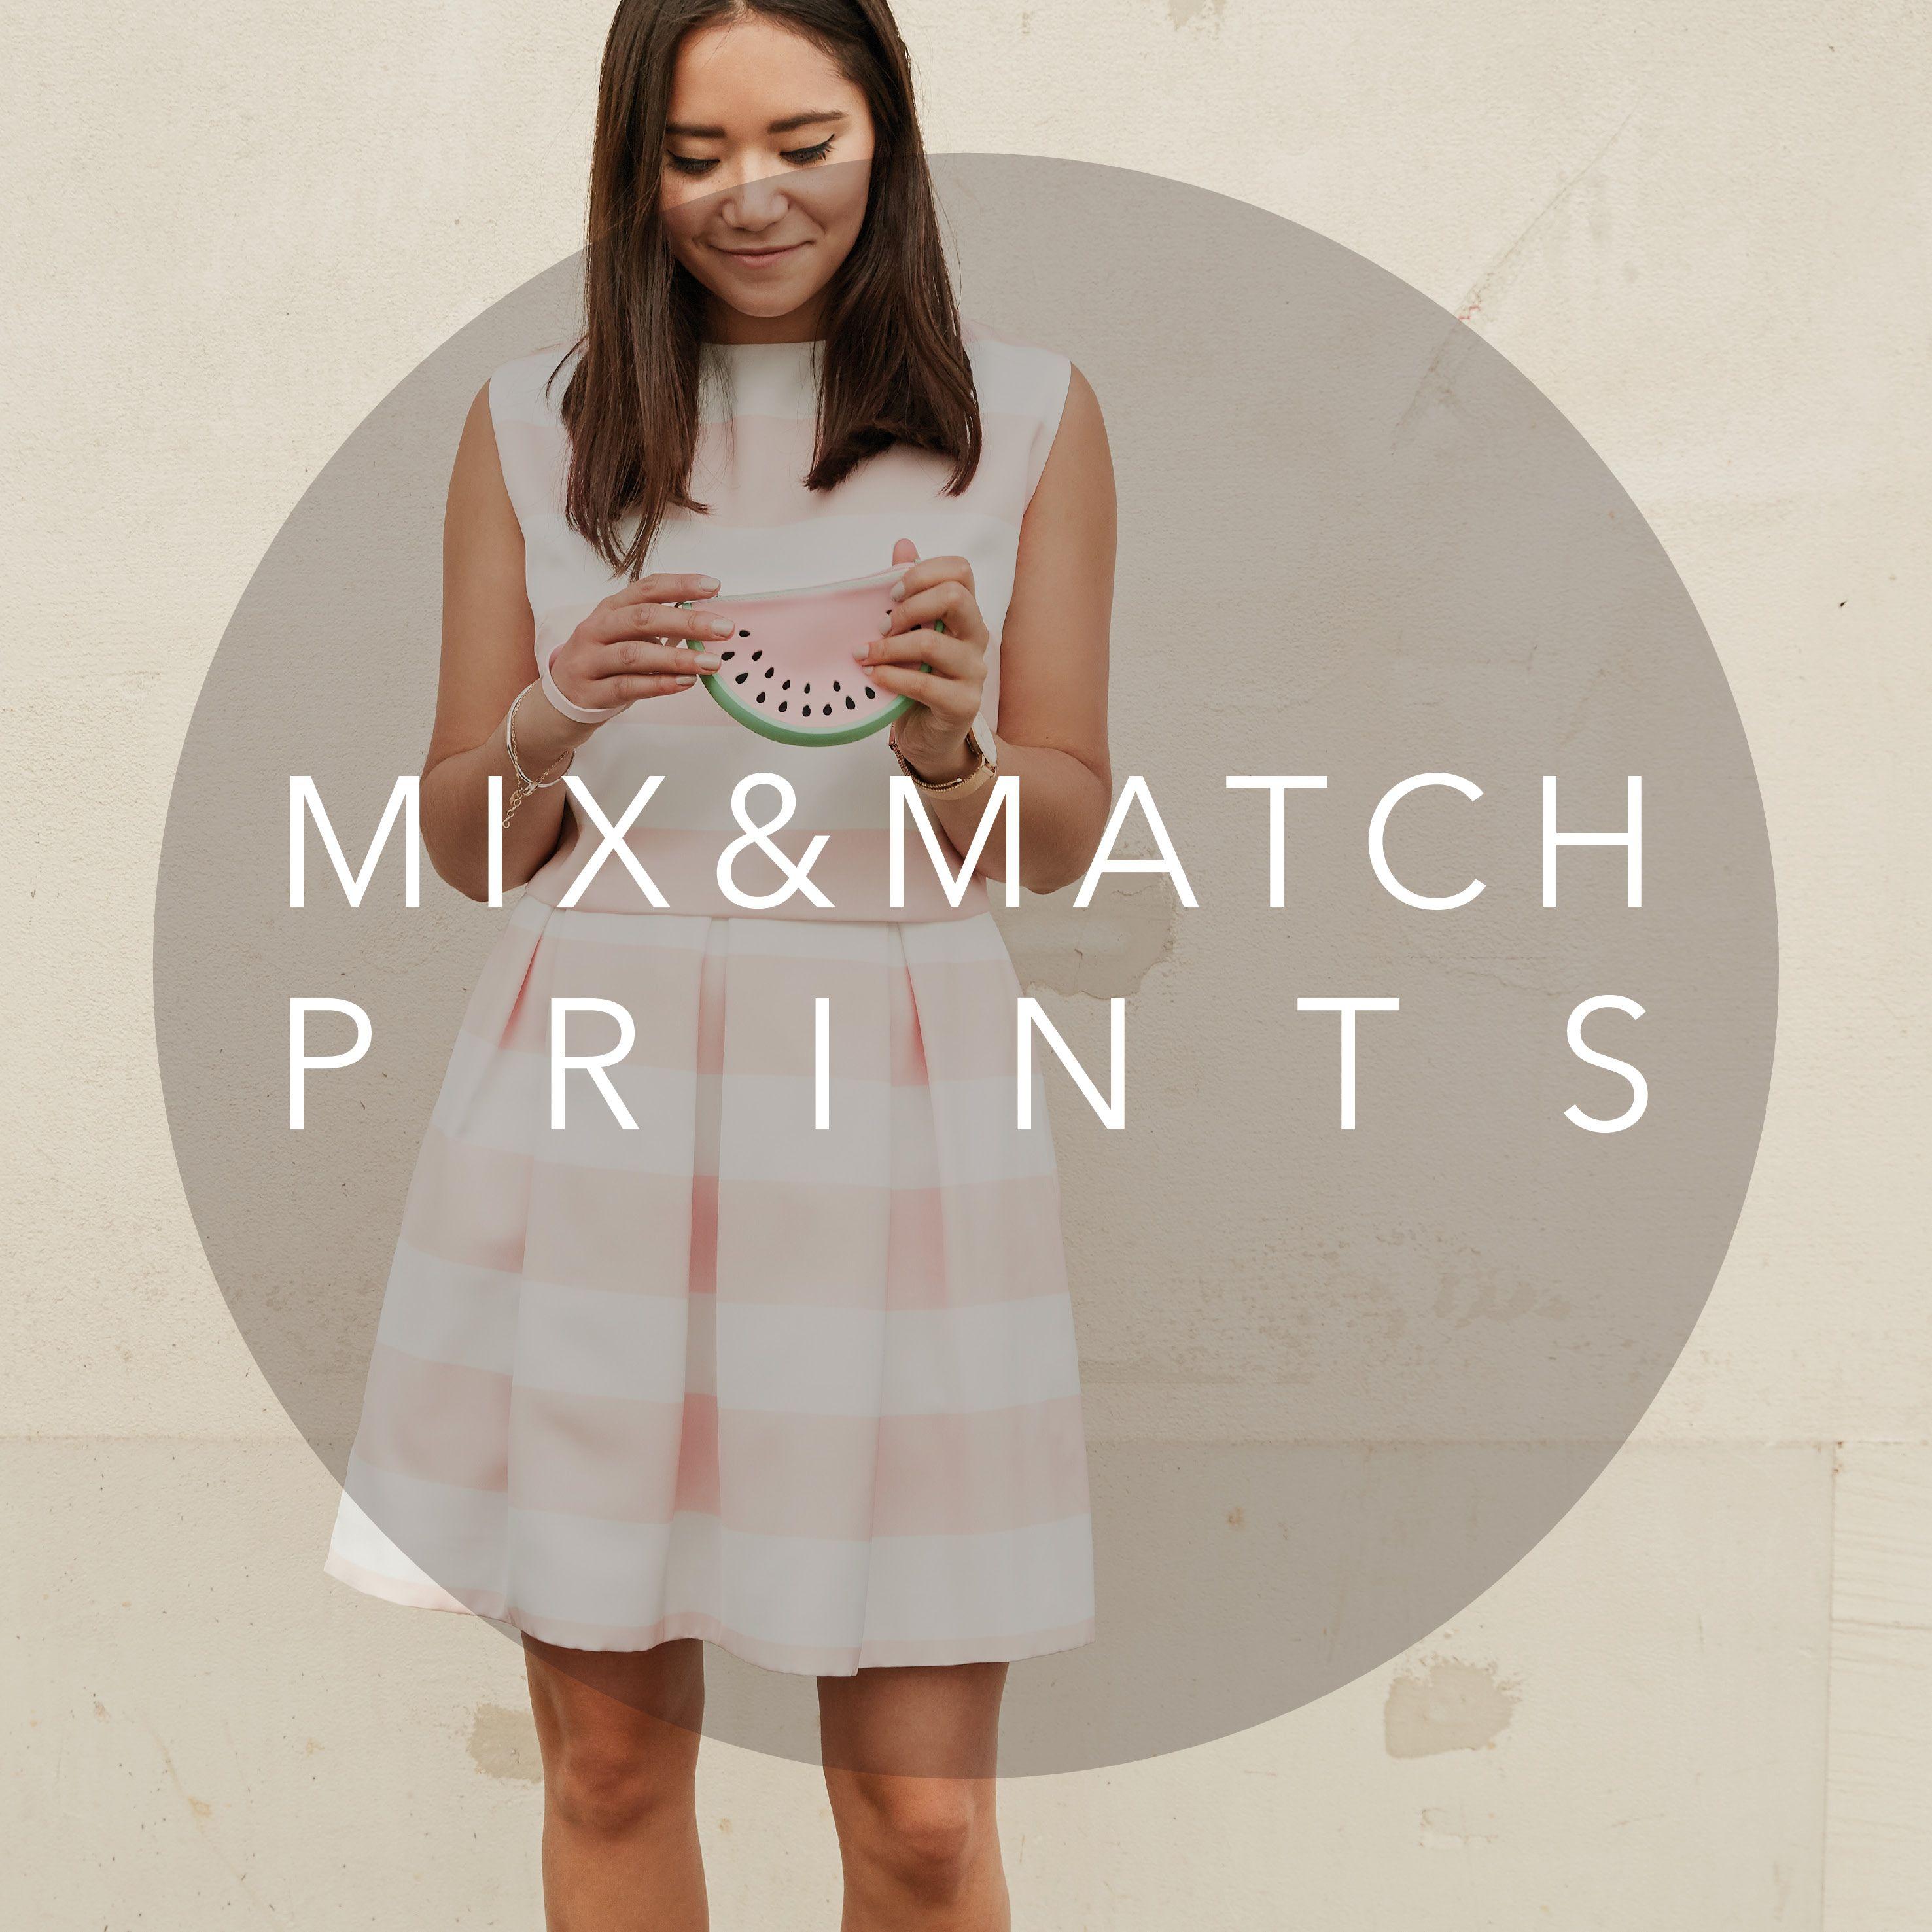 Mix and match prints dresses piq mix u match prints